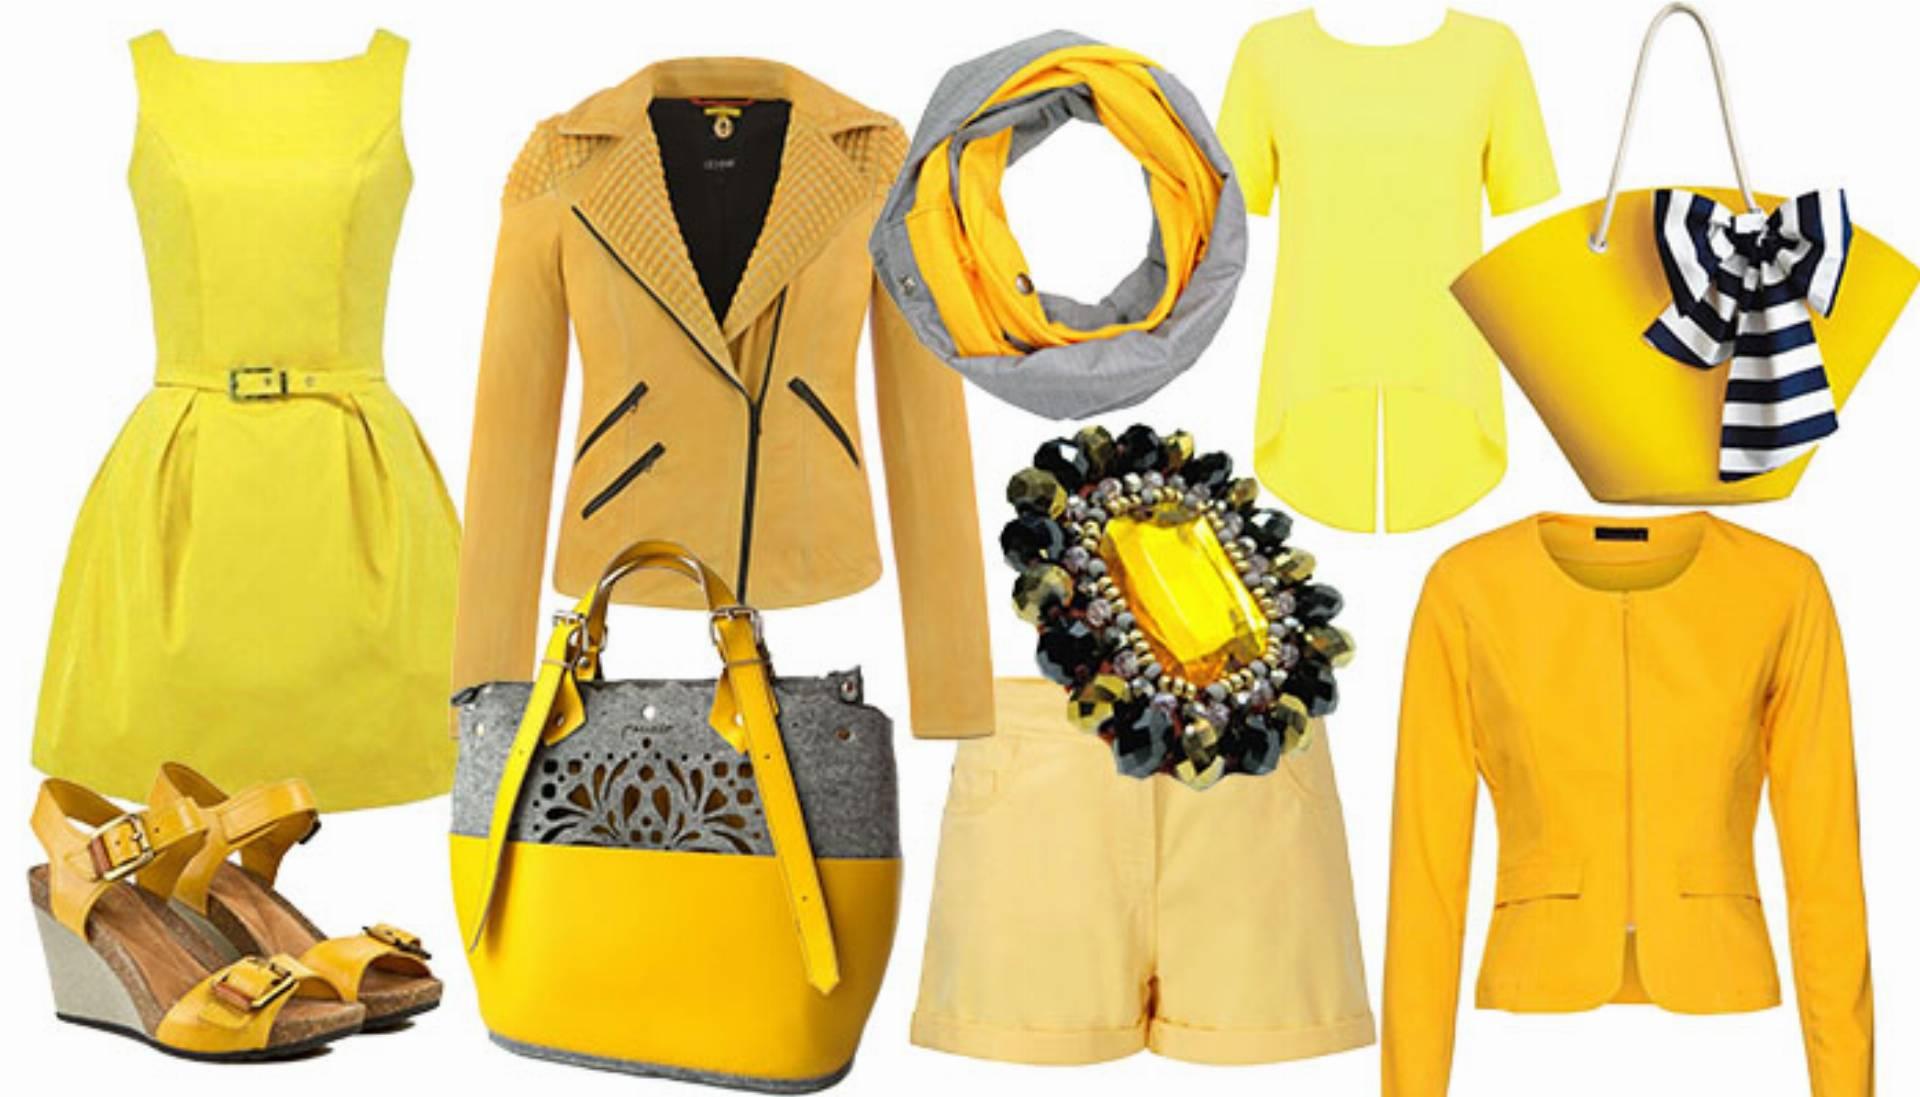 5275d1c52d Shoppingowy przegląd  Żółte ubrania i dodatki - KobietaMag.pl